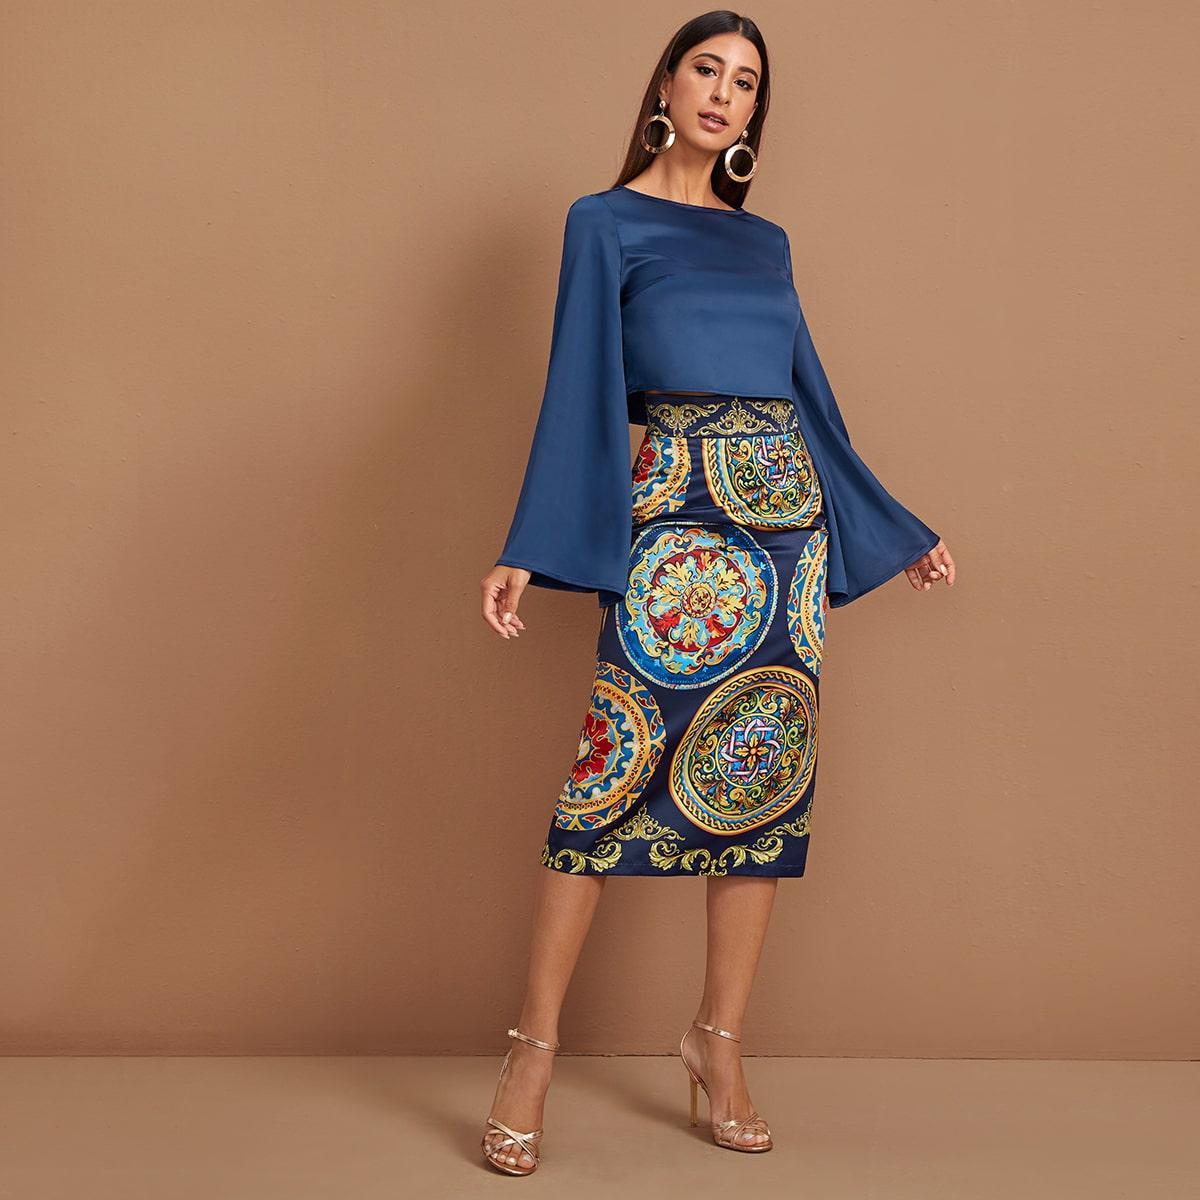 Однотонный топ и атласная юбка с племенным принтом